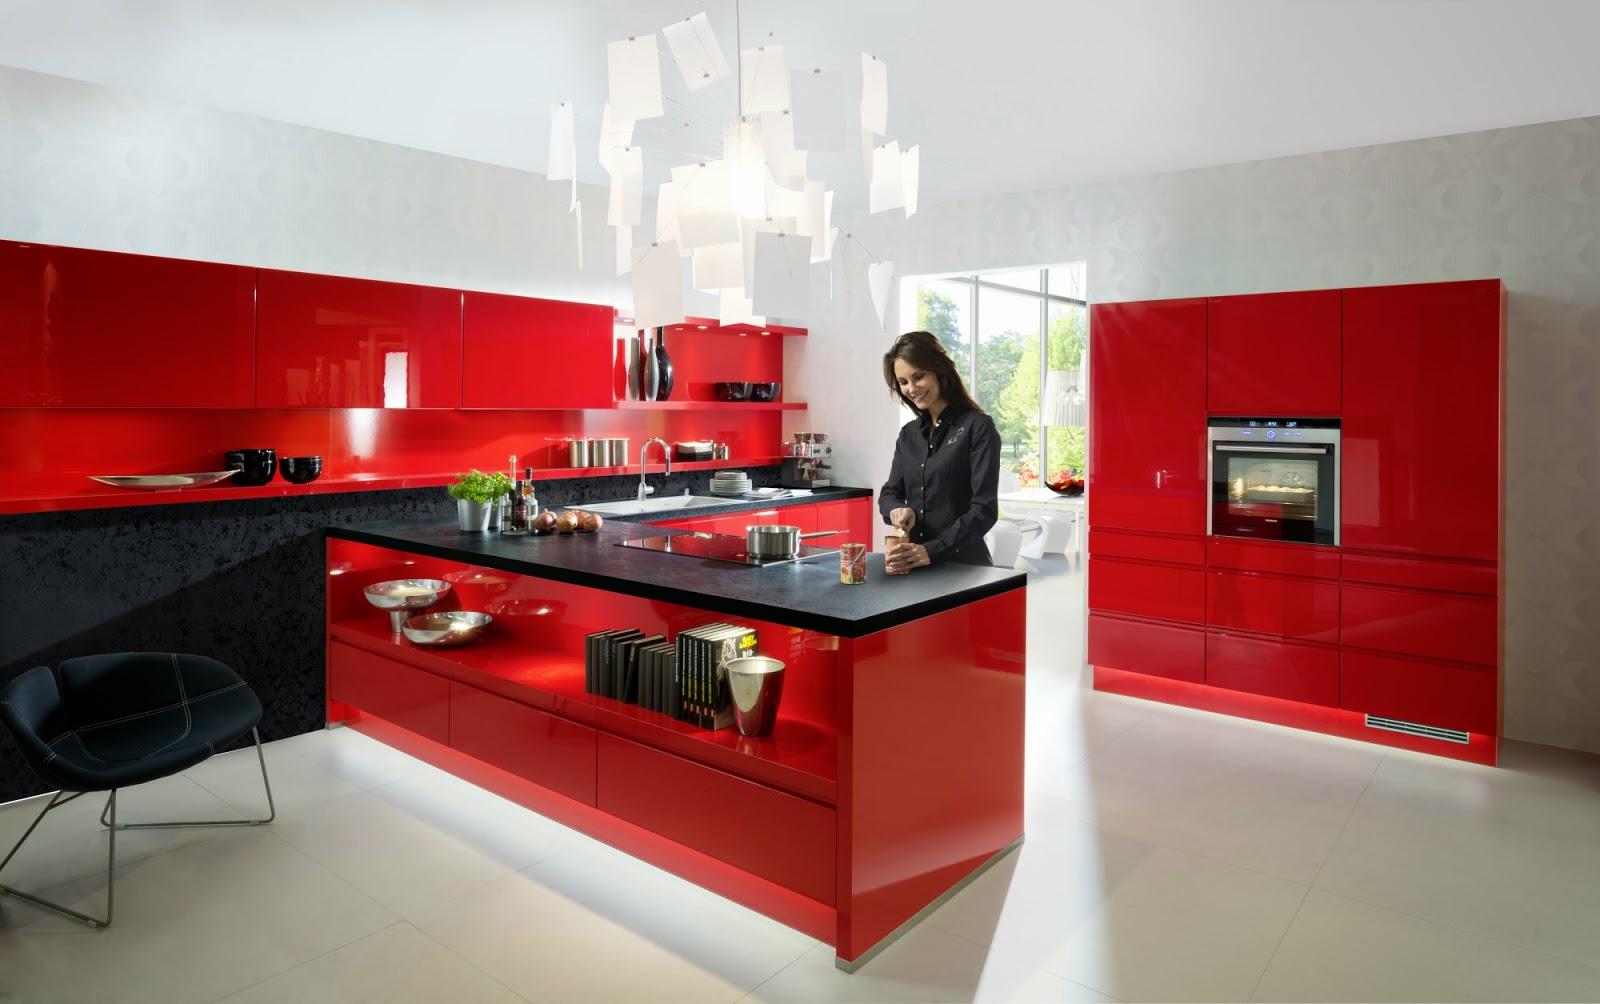 cuisine rouge plan de travail noir. Black Bedroom Furniture Sets. Home Design Ideas